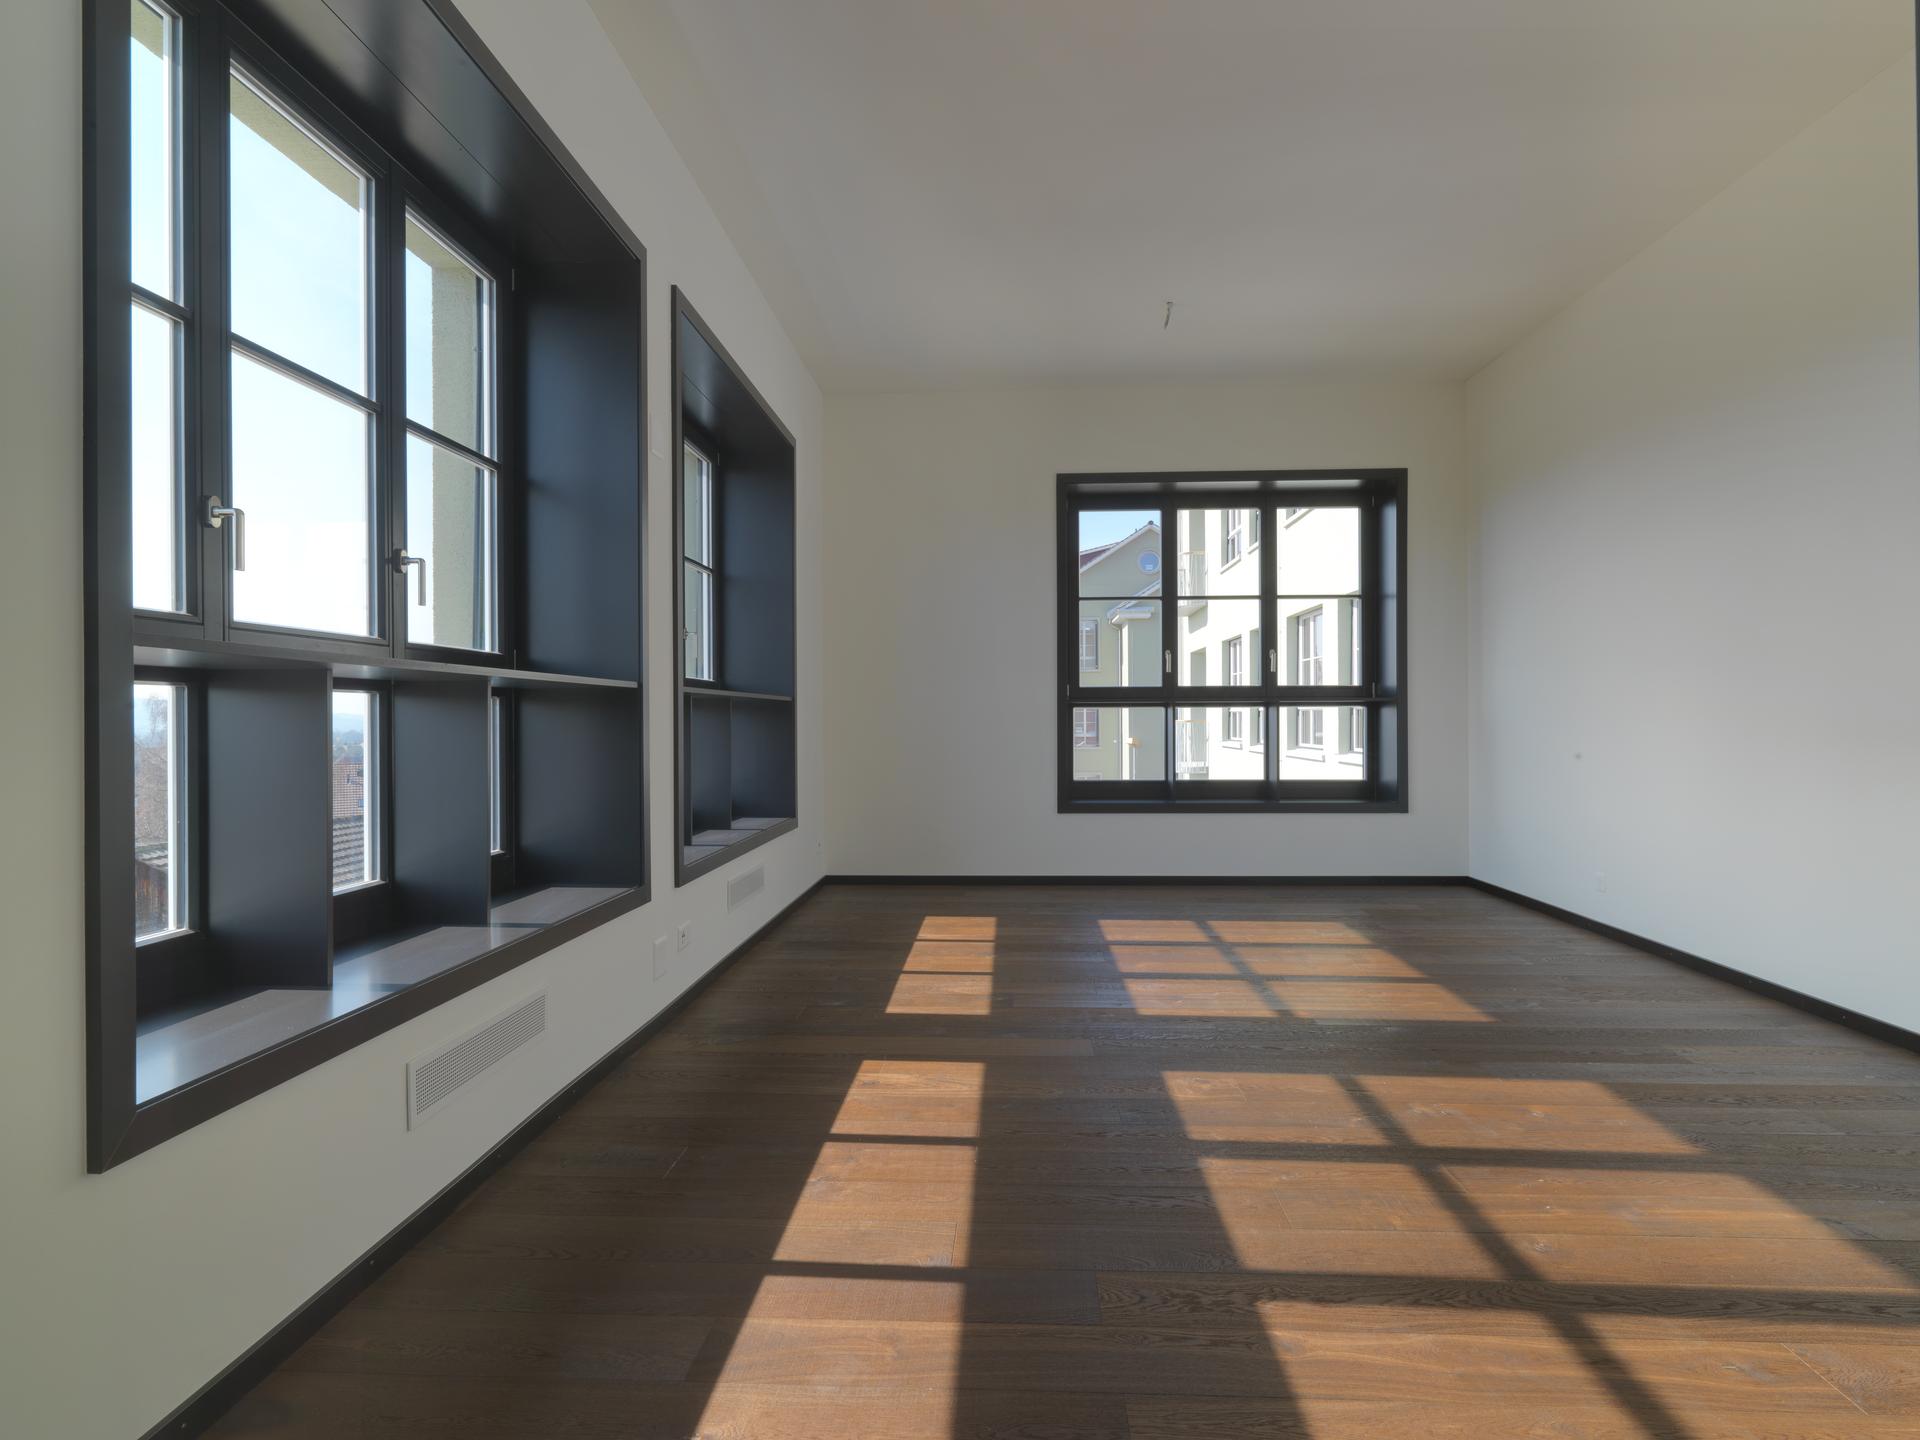 Lichtdurchfluteter Raum durch grosse Sprossenholzfenster in schlichtem Design